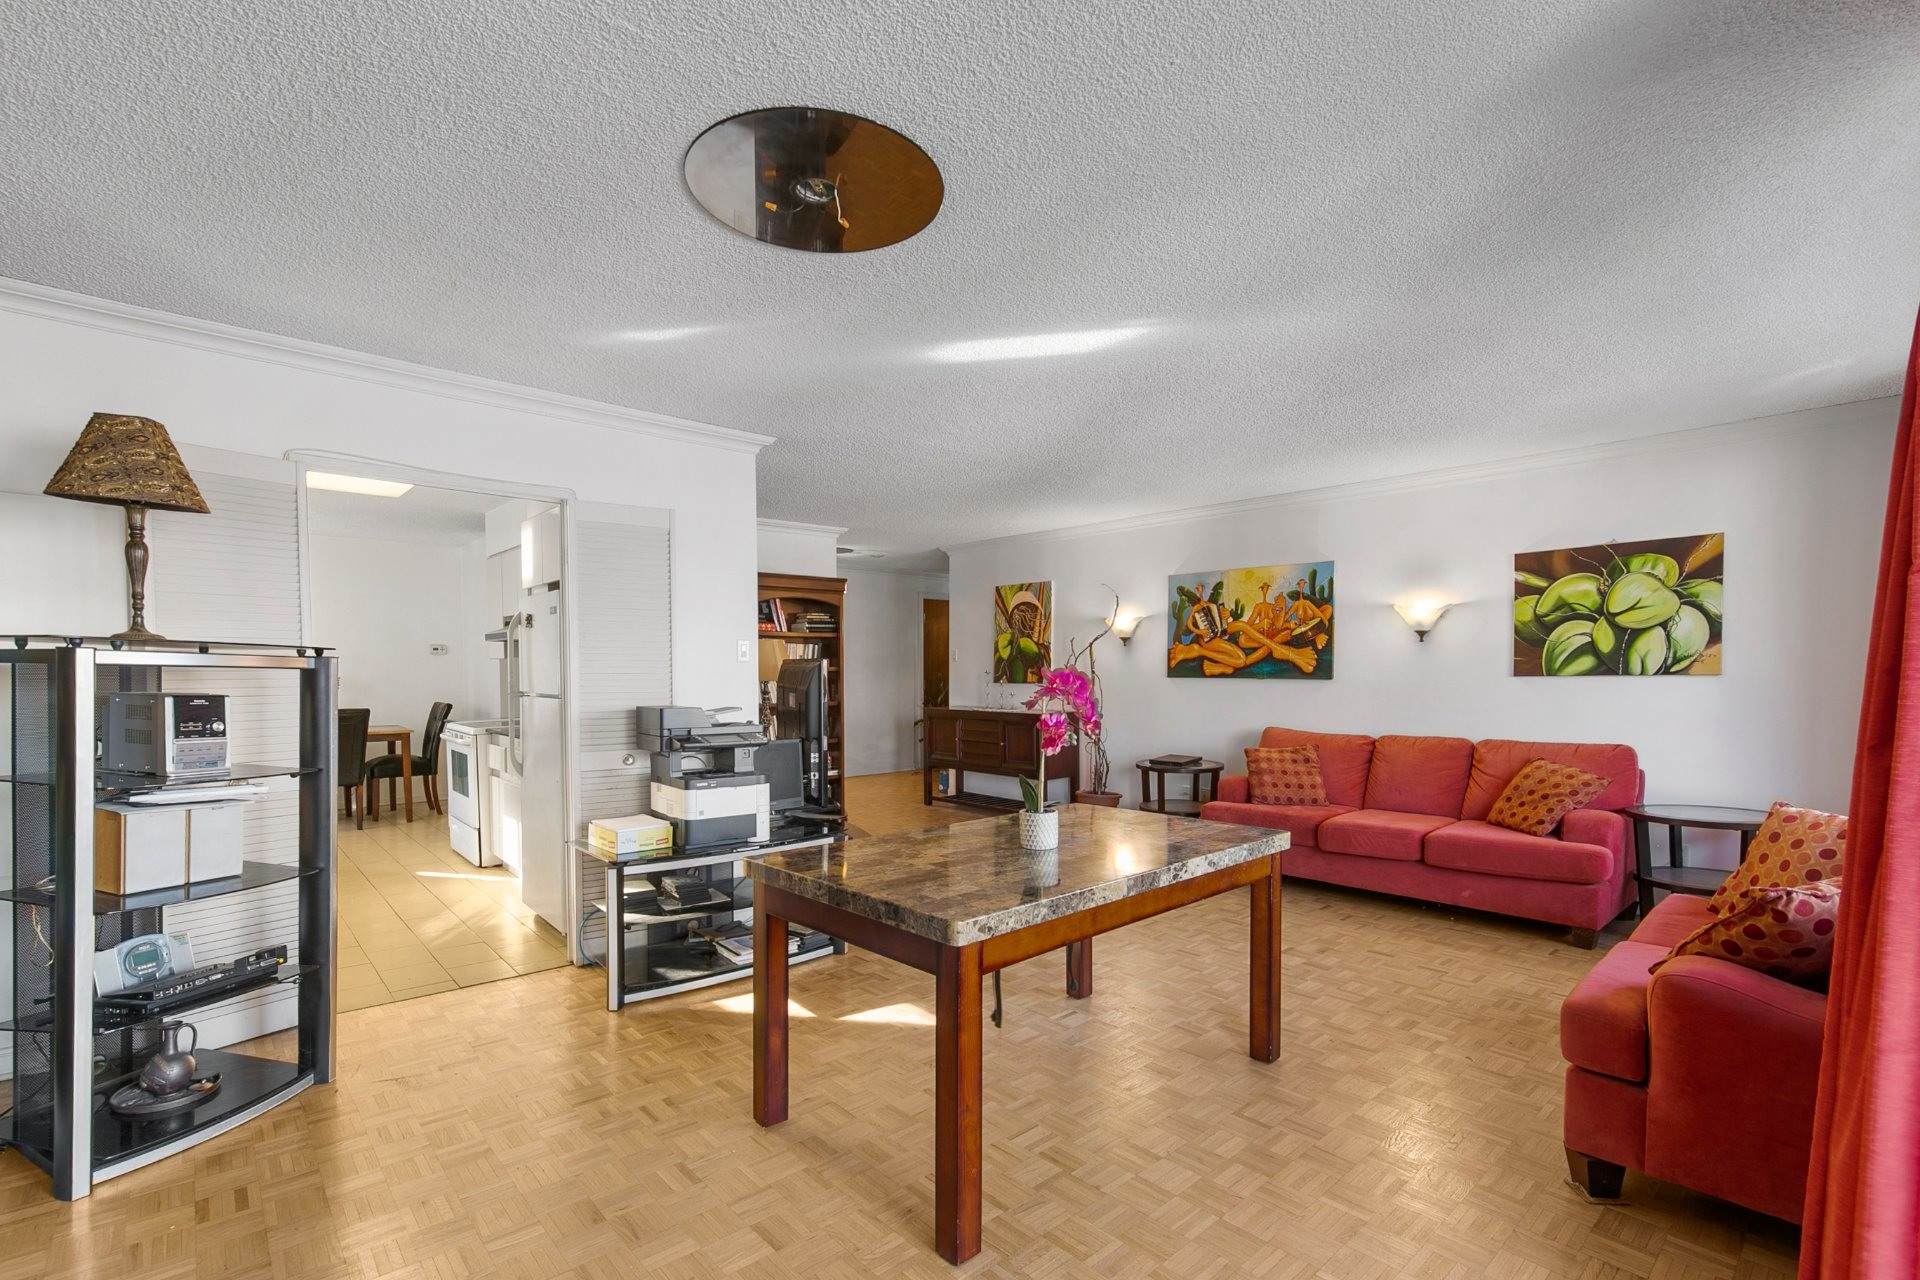 image 3 - Apartment For sale Côte-Saint-Luc - 5 rooms